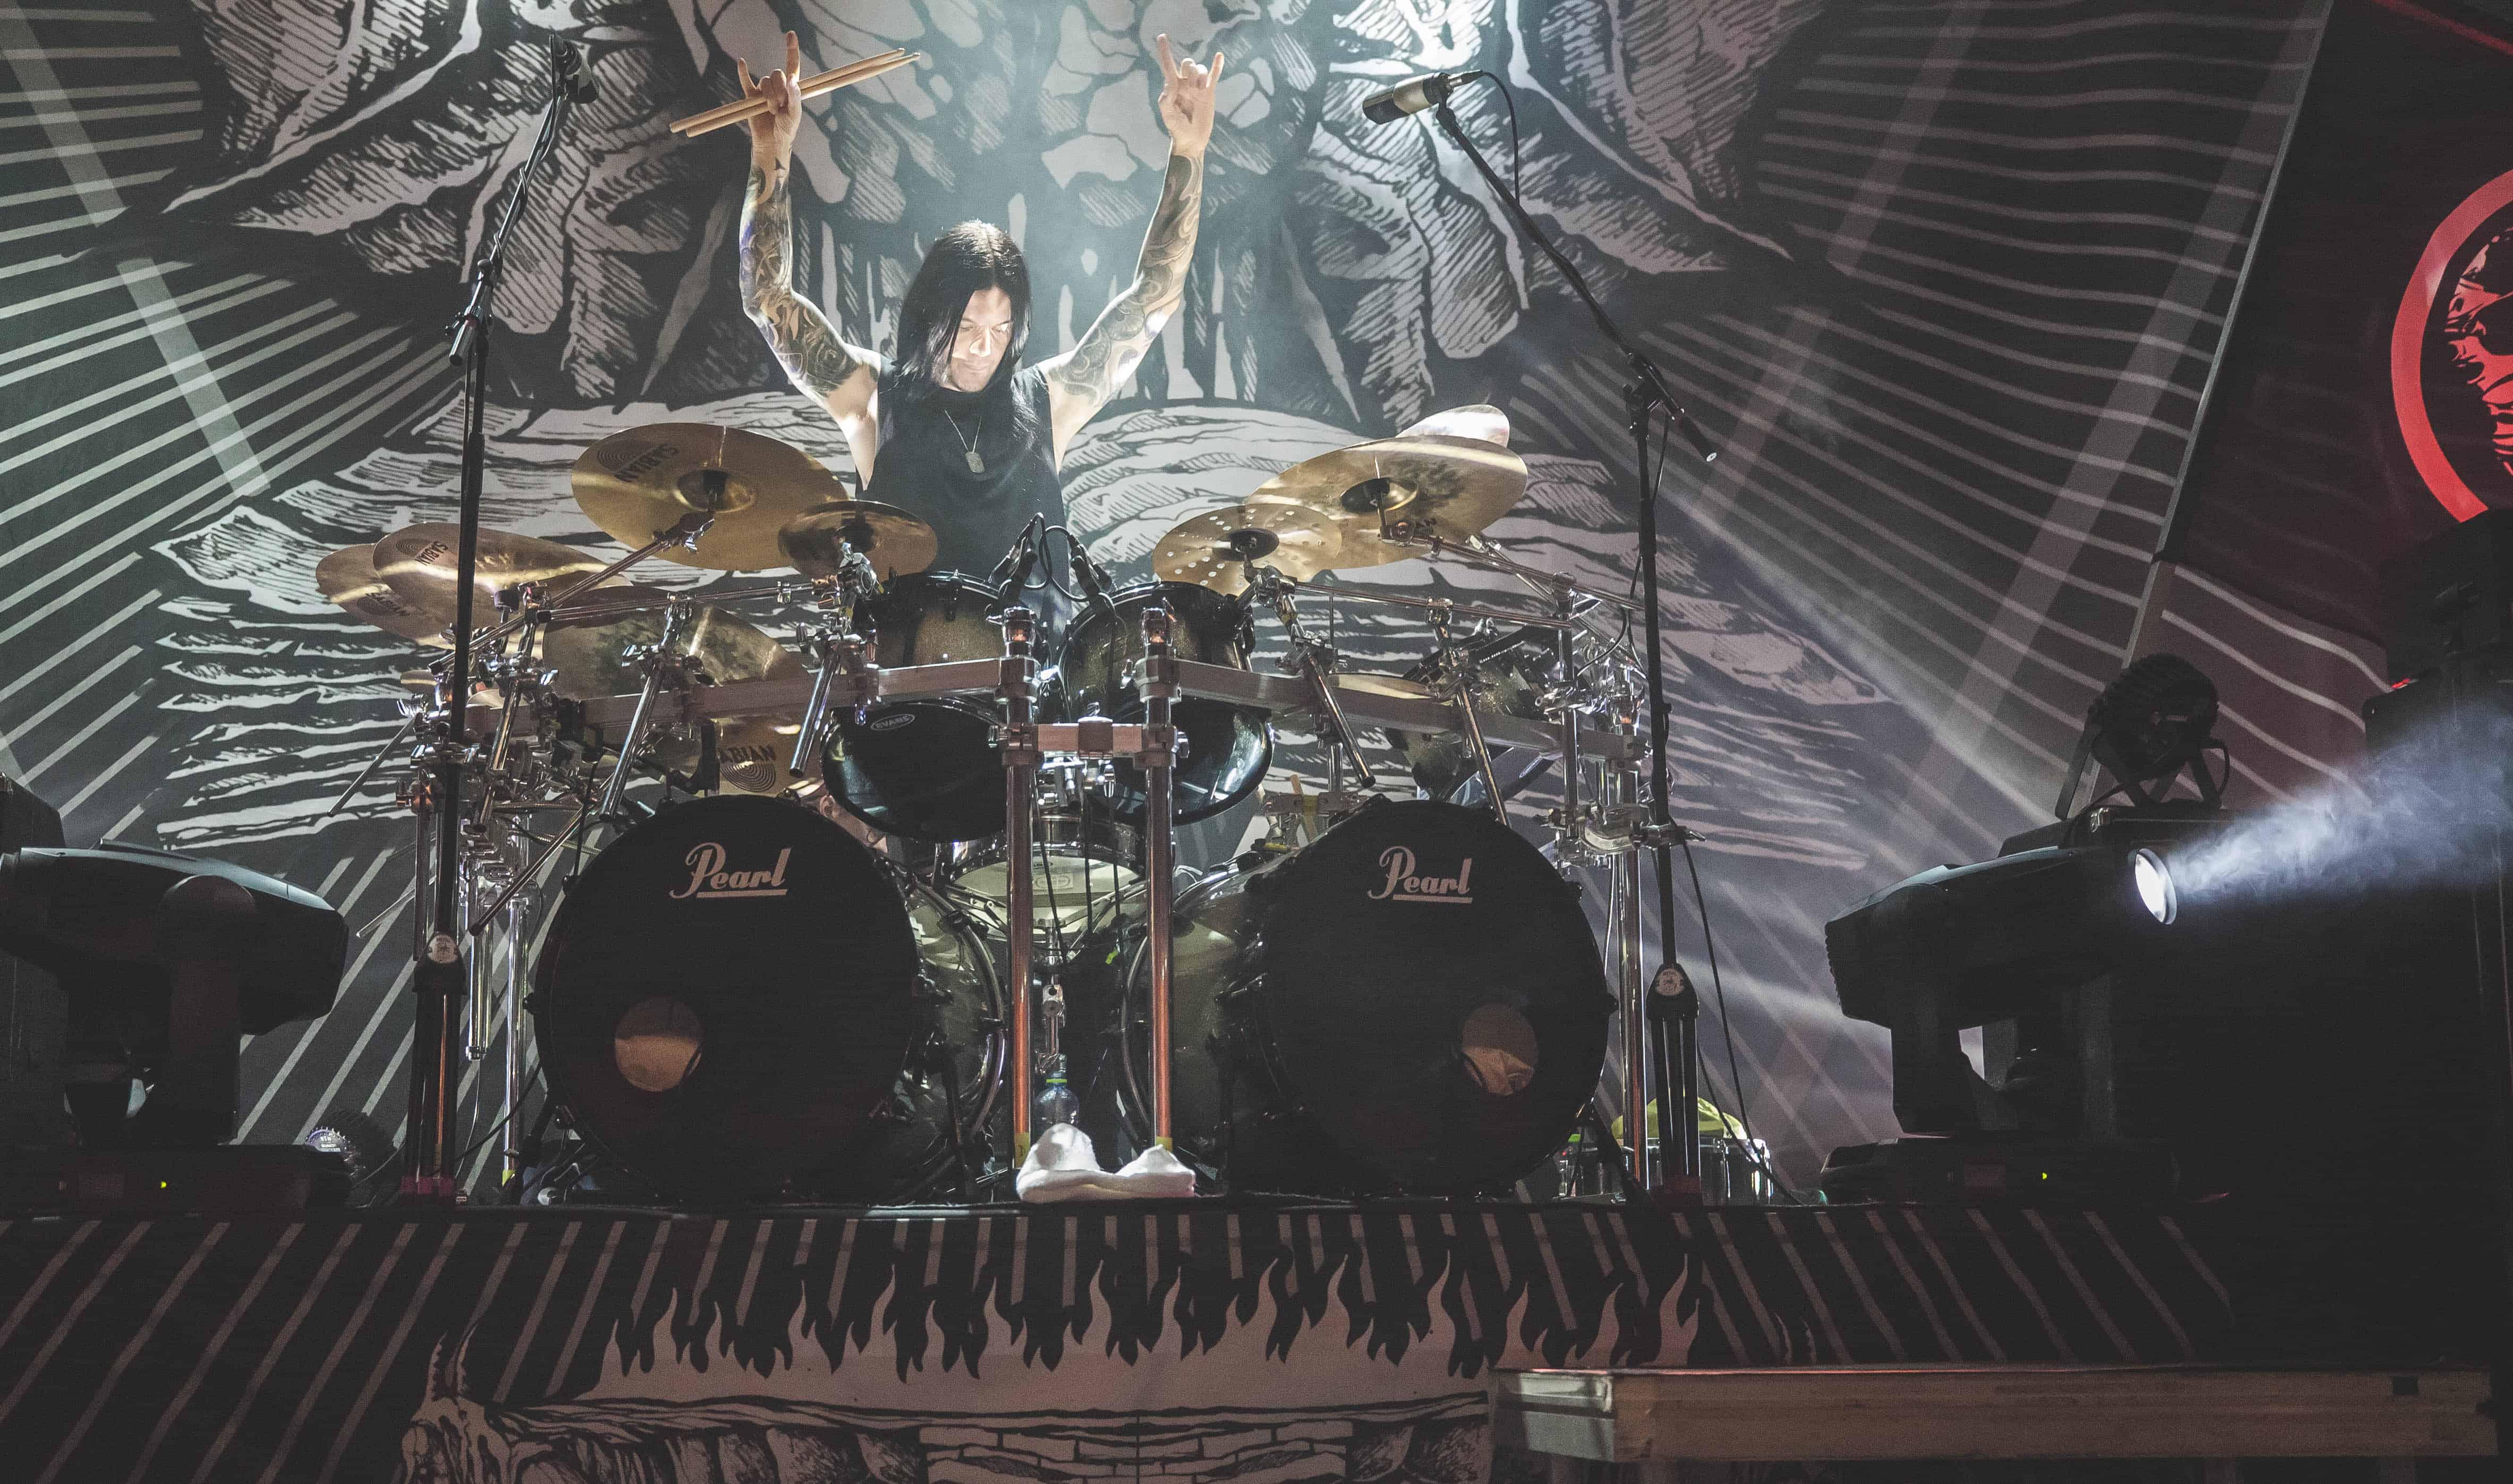 Концерт Arch Enemy в ГЛАВCLUB GREEN CONCERT Концерт Arch Enemy в ГЛАВCLUB GREEN CONCERT IMG 6750